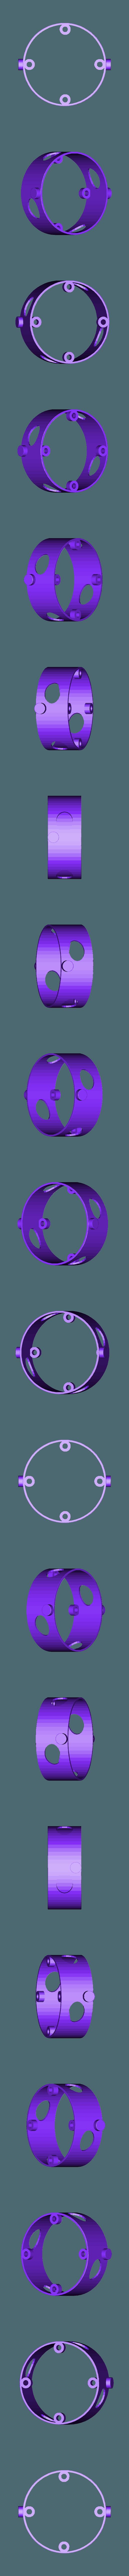 blower_nozzle_holder.stl Télécharger fichier STL gratuit Porte-buse de soufflage • Plan à imprimer en 3D, Norm202